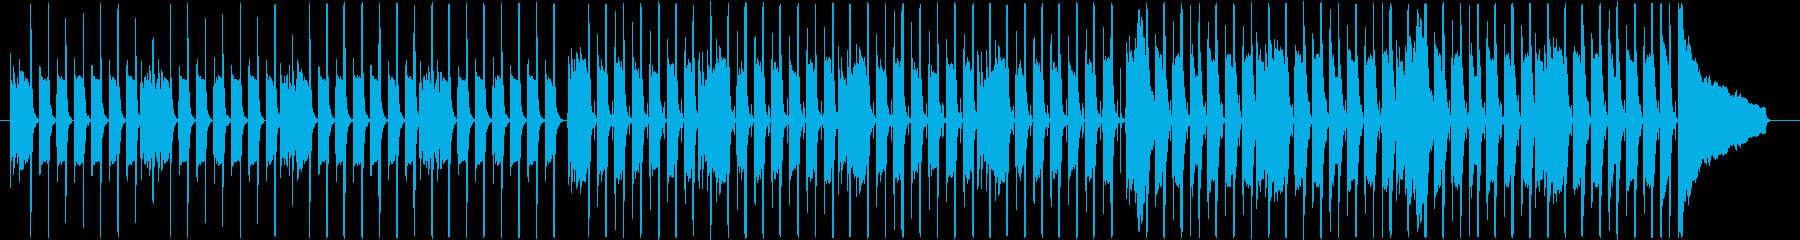 ウッドベース主導のシンプルで軽快な小曲の再生済みの波形